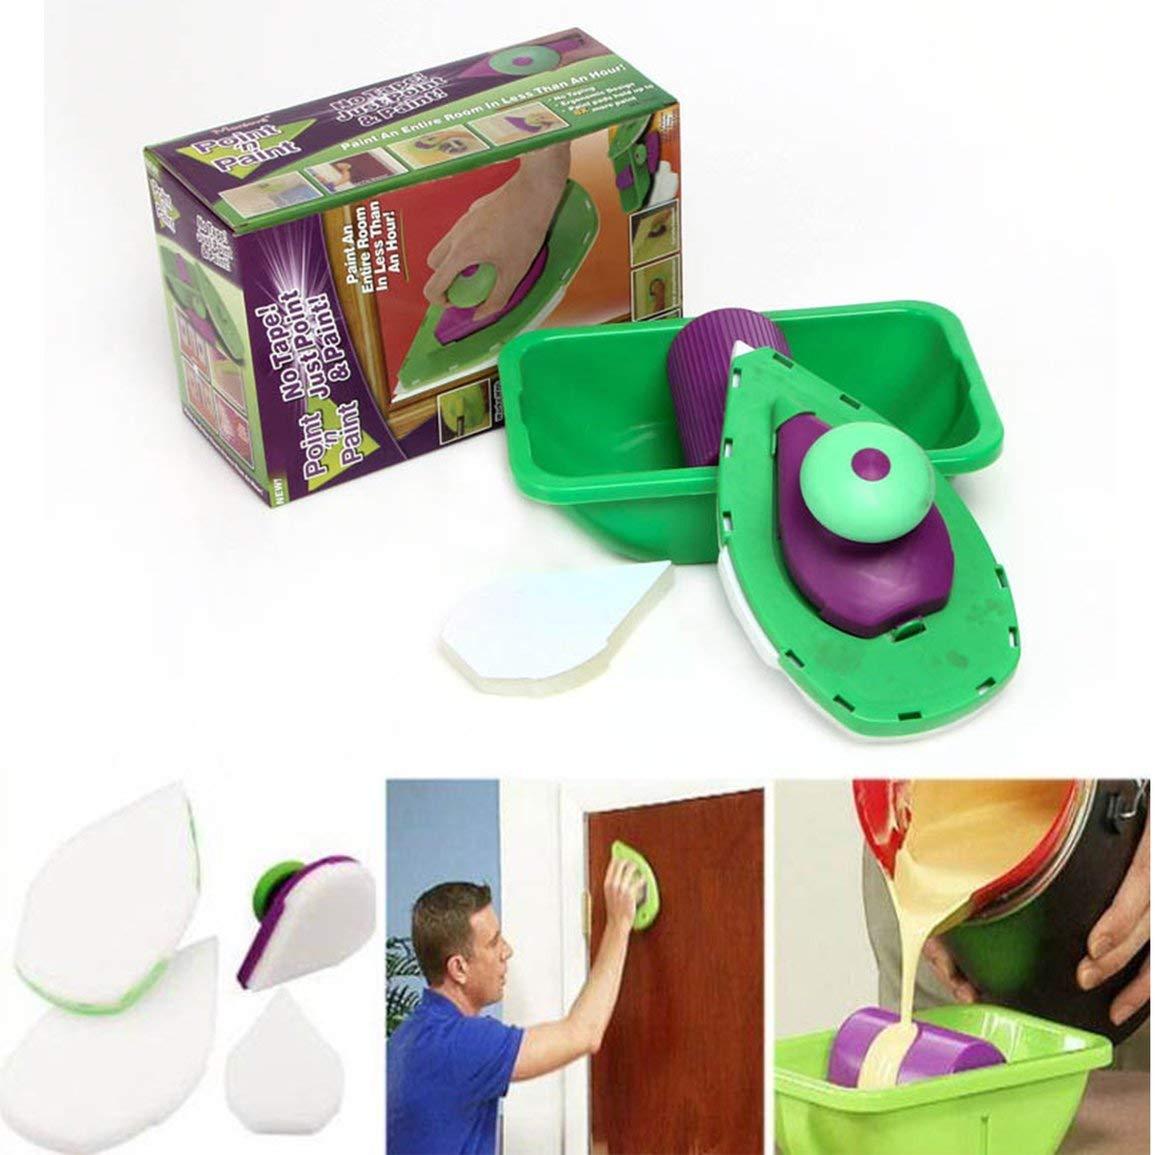 colore: verde 9 pz//set multifunzione rullo di vernice vassoio spugna pad maniglie tubi kit casa diy pittura murale pennello strumenti decorativi